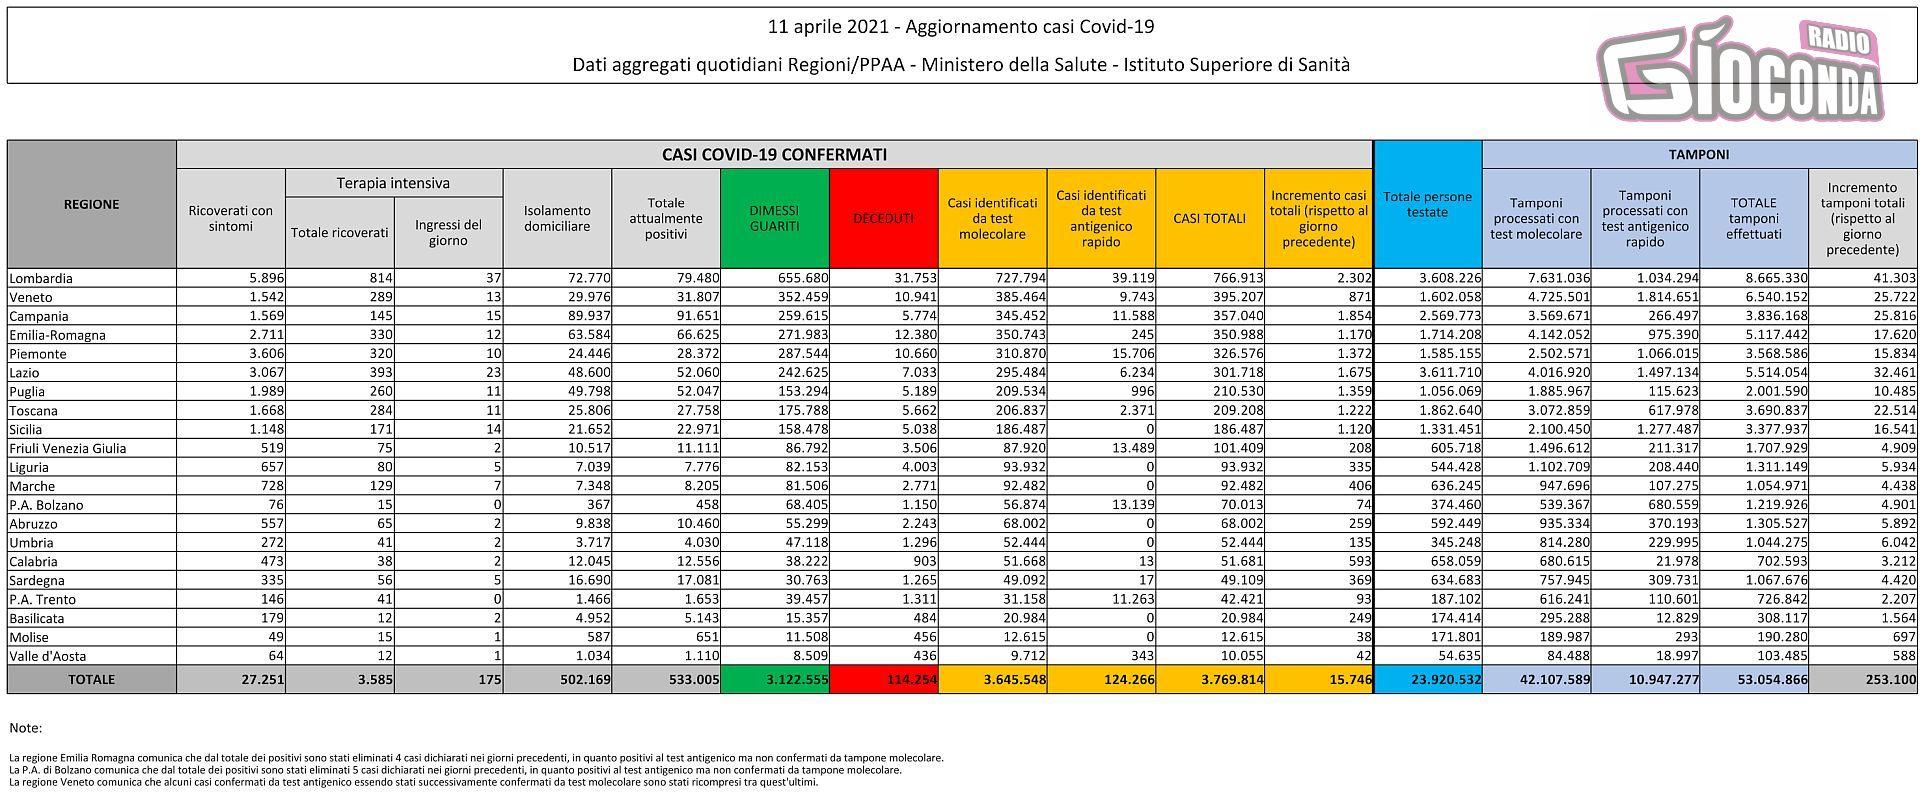 11 aprile 2021 - Aggiornamento casi Covid-19 Dati aggregati quotidiani Regioni/PPAA - Ministero della Salute - Istituto Superiore di Sanità